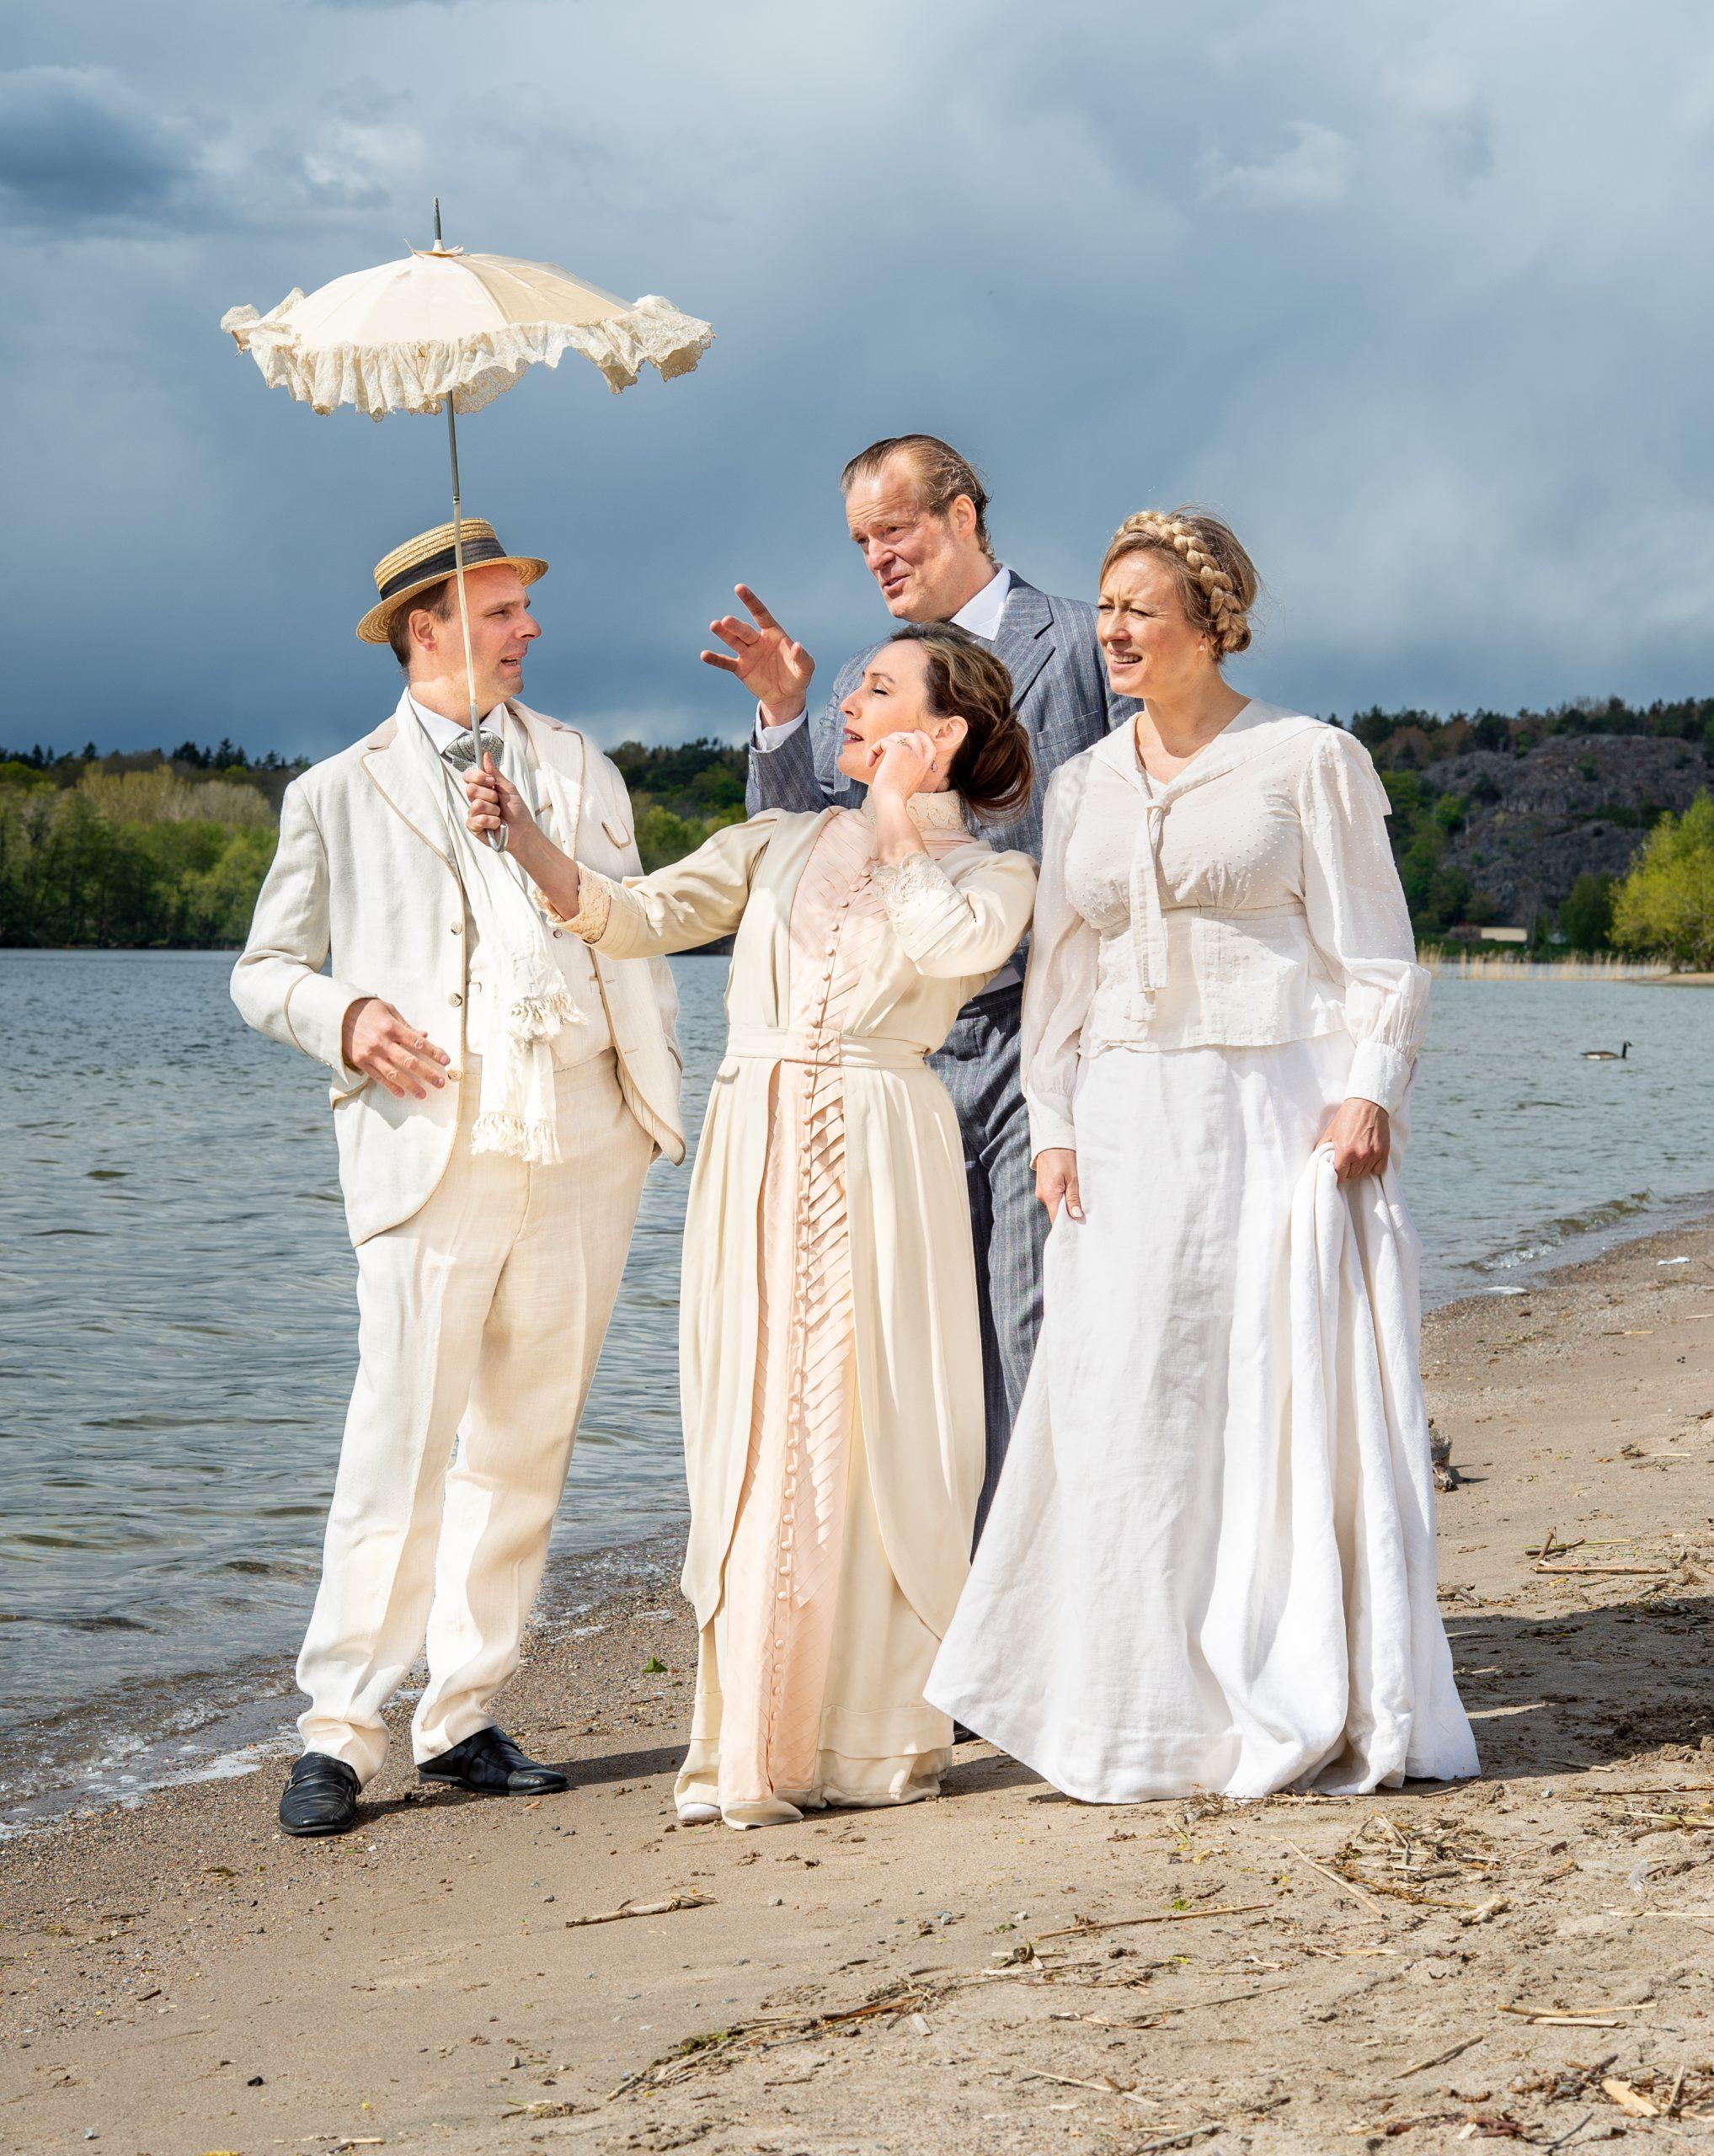 """August Strindbergs """"Leka med elden"""" - Poppegården 2021"""